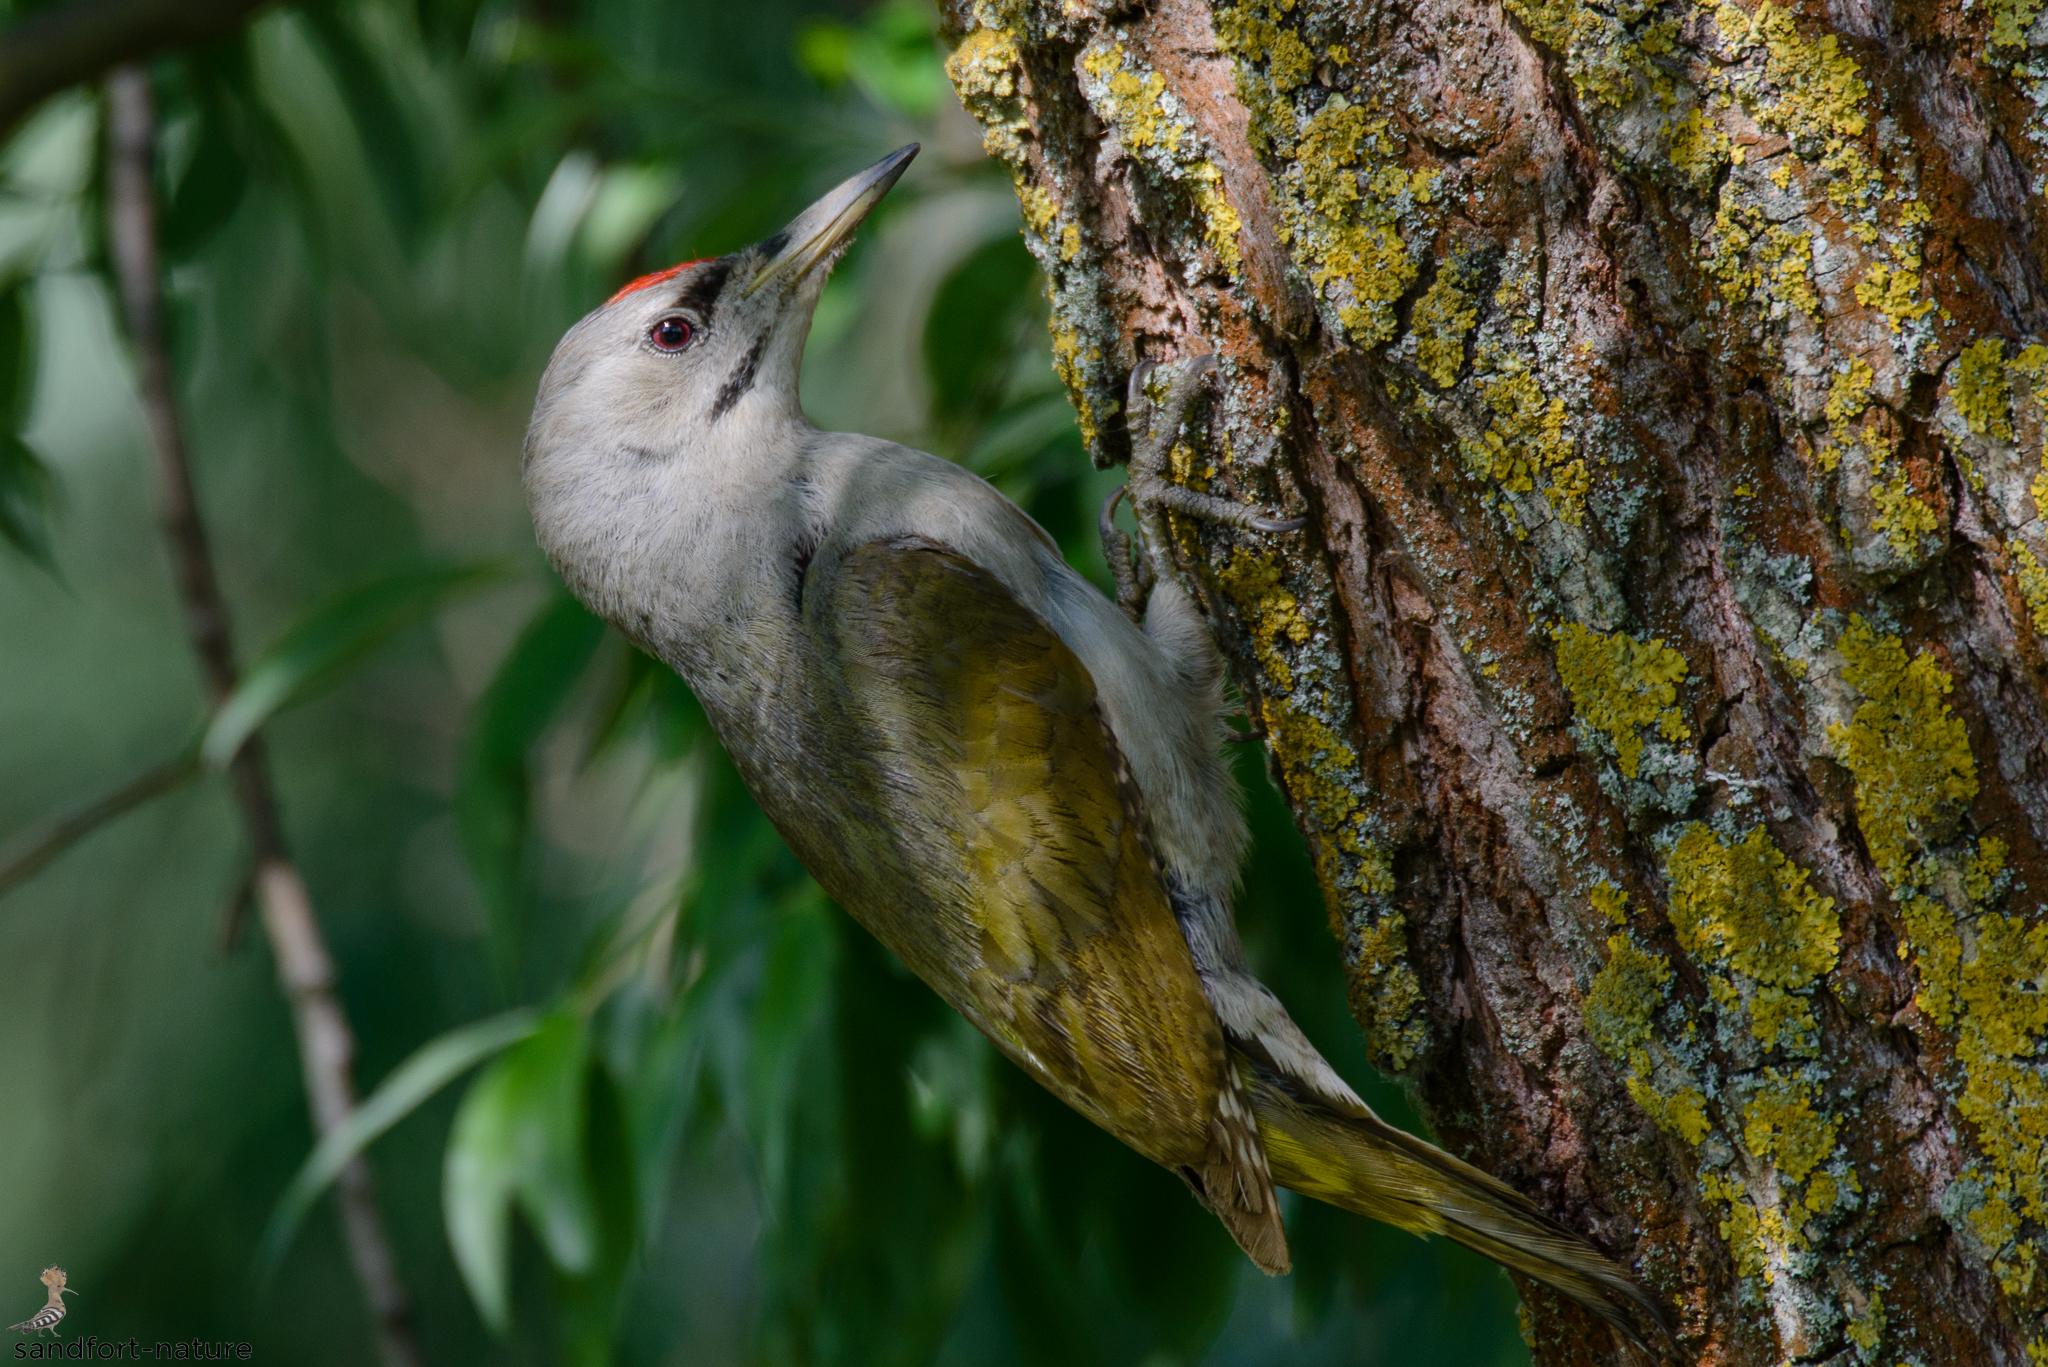 Grey-headed woodpecker | Grauspecht